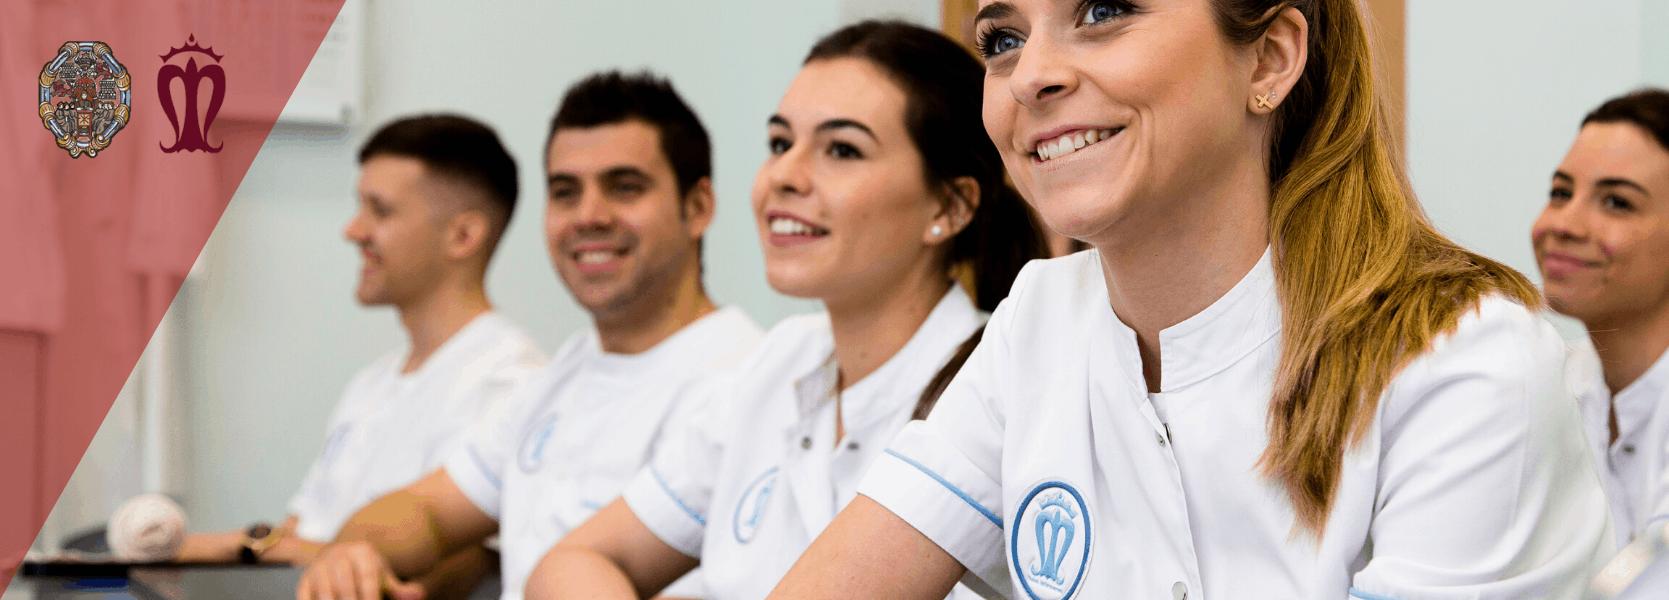 Facultad de Enfermería y Fisioterapia Salus Infirmorum - UPSA Campus de Madrid